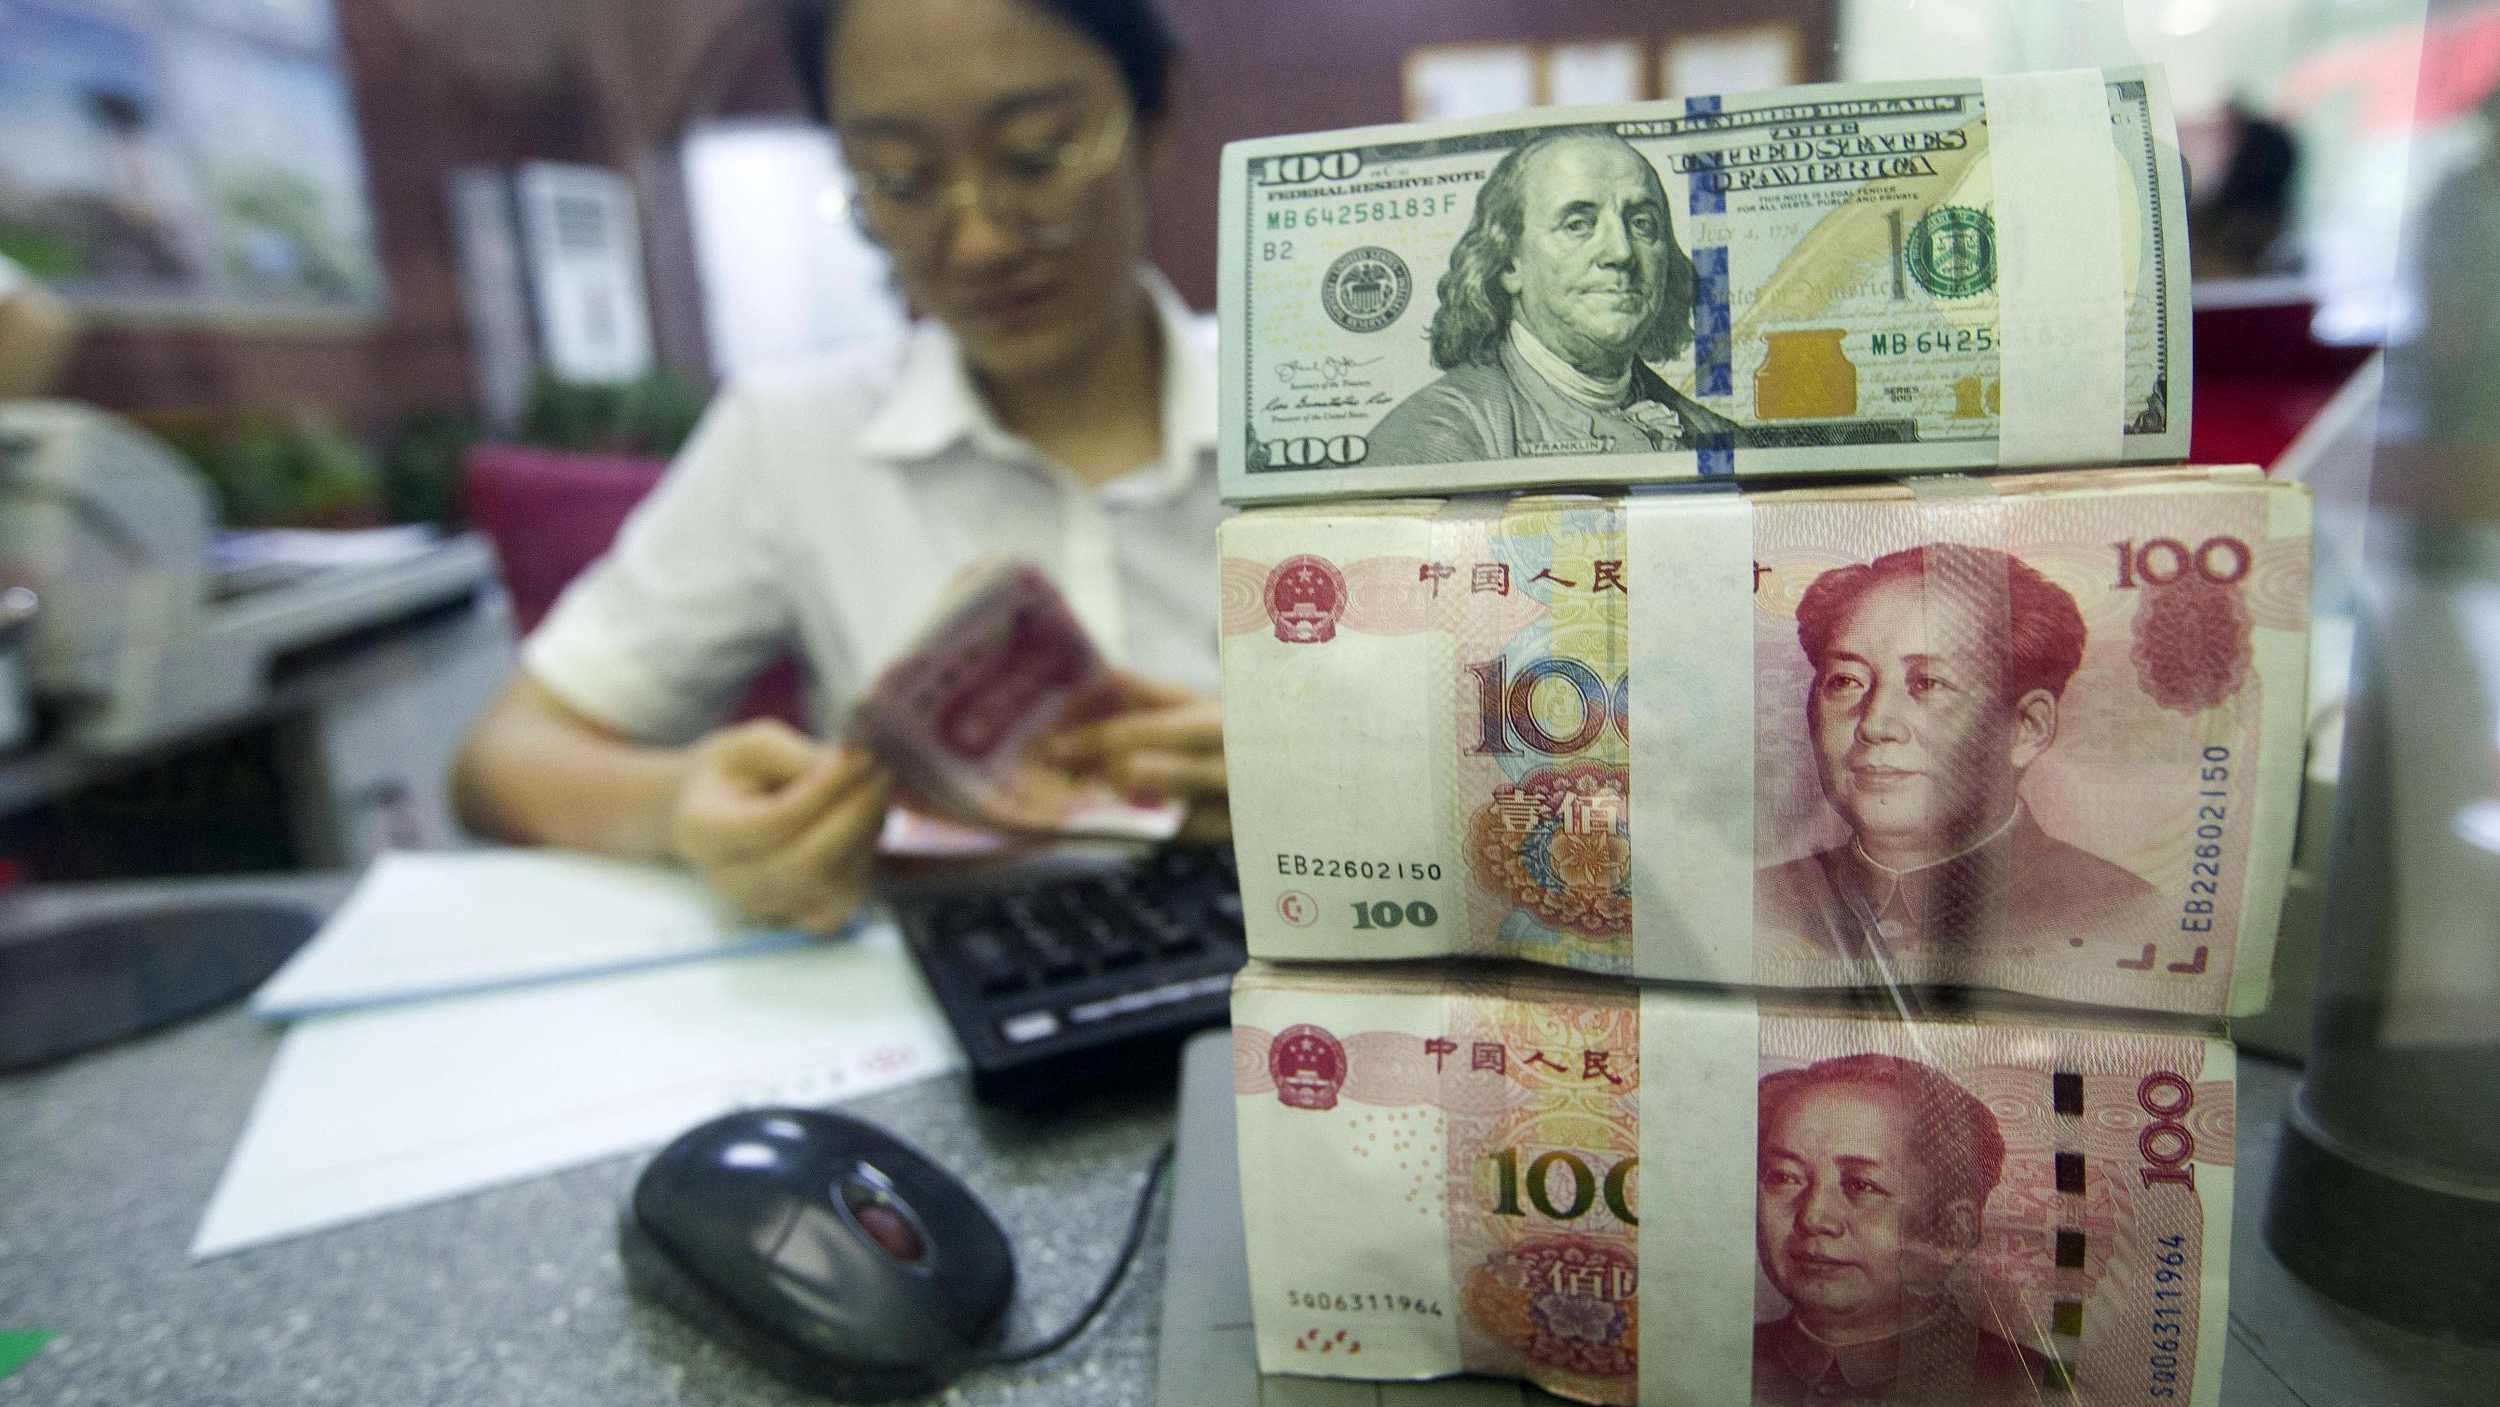 China's November forex market turnover at 16.08 trillion yuan